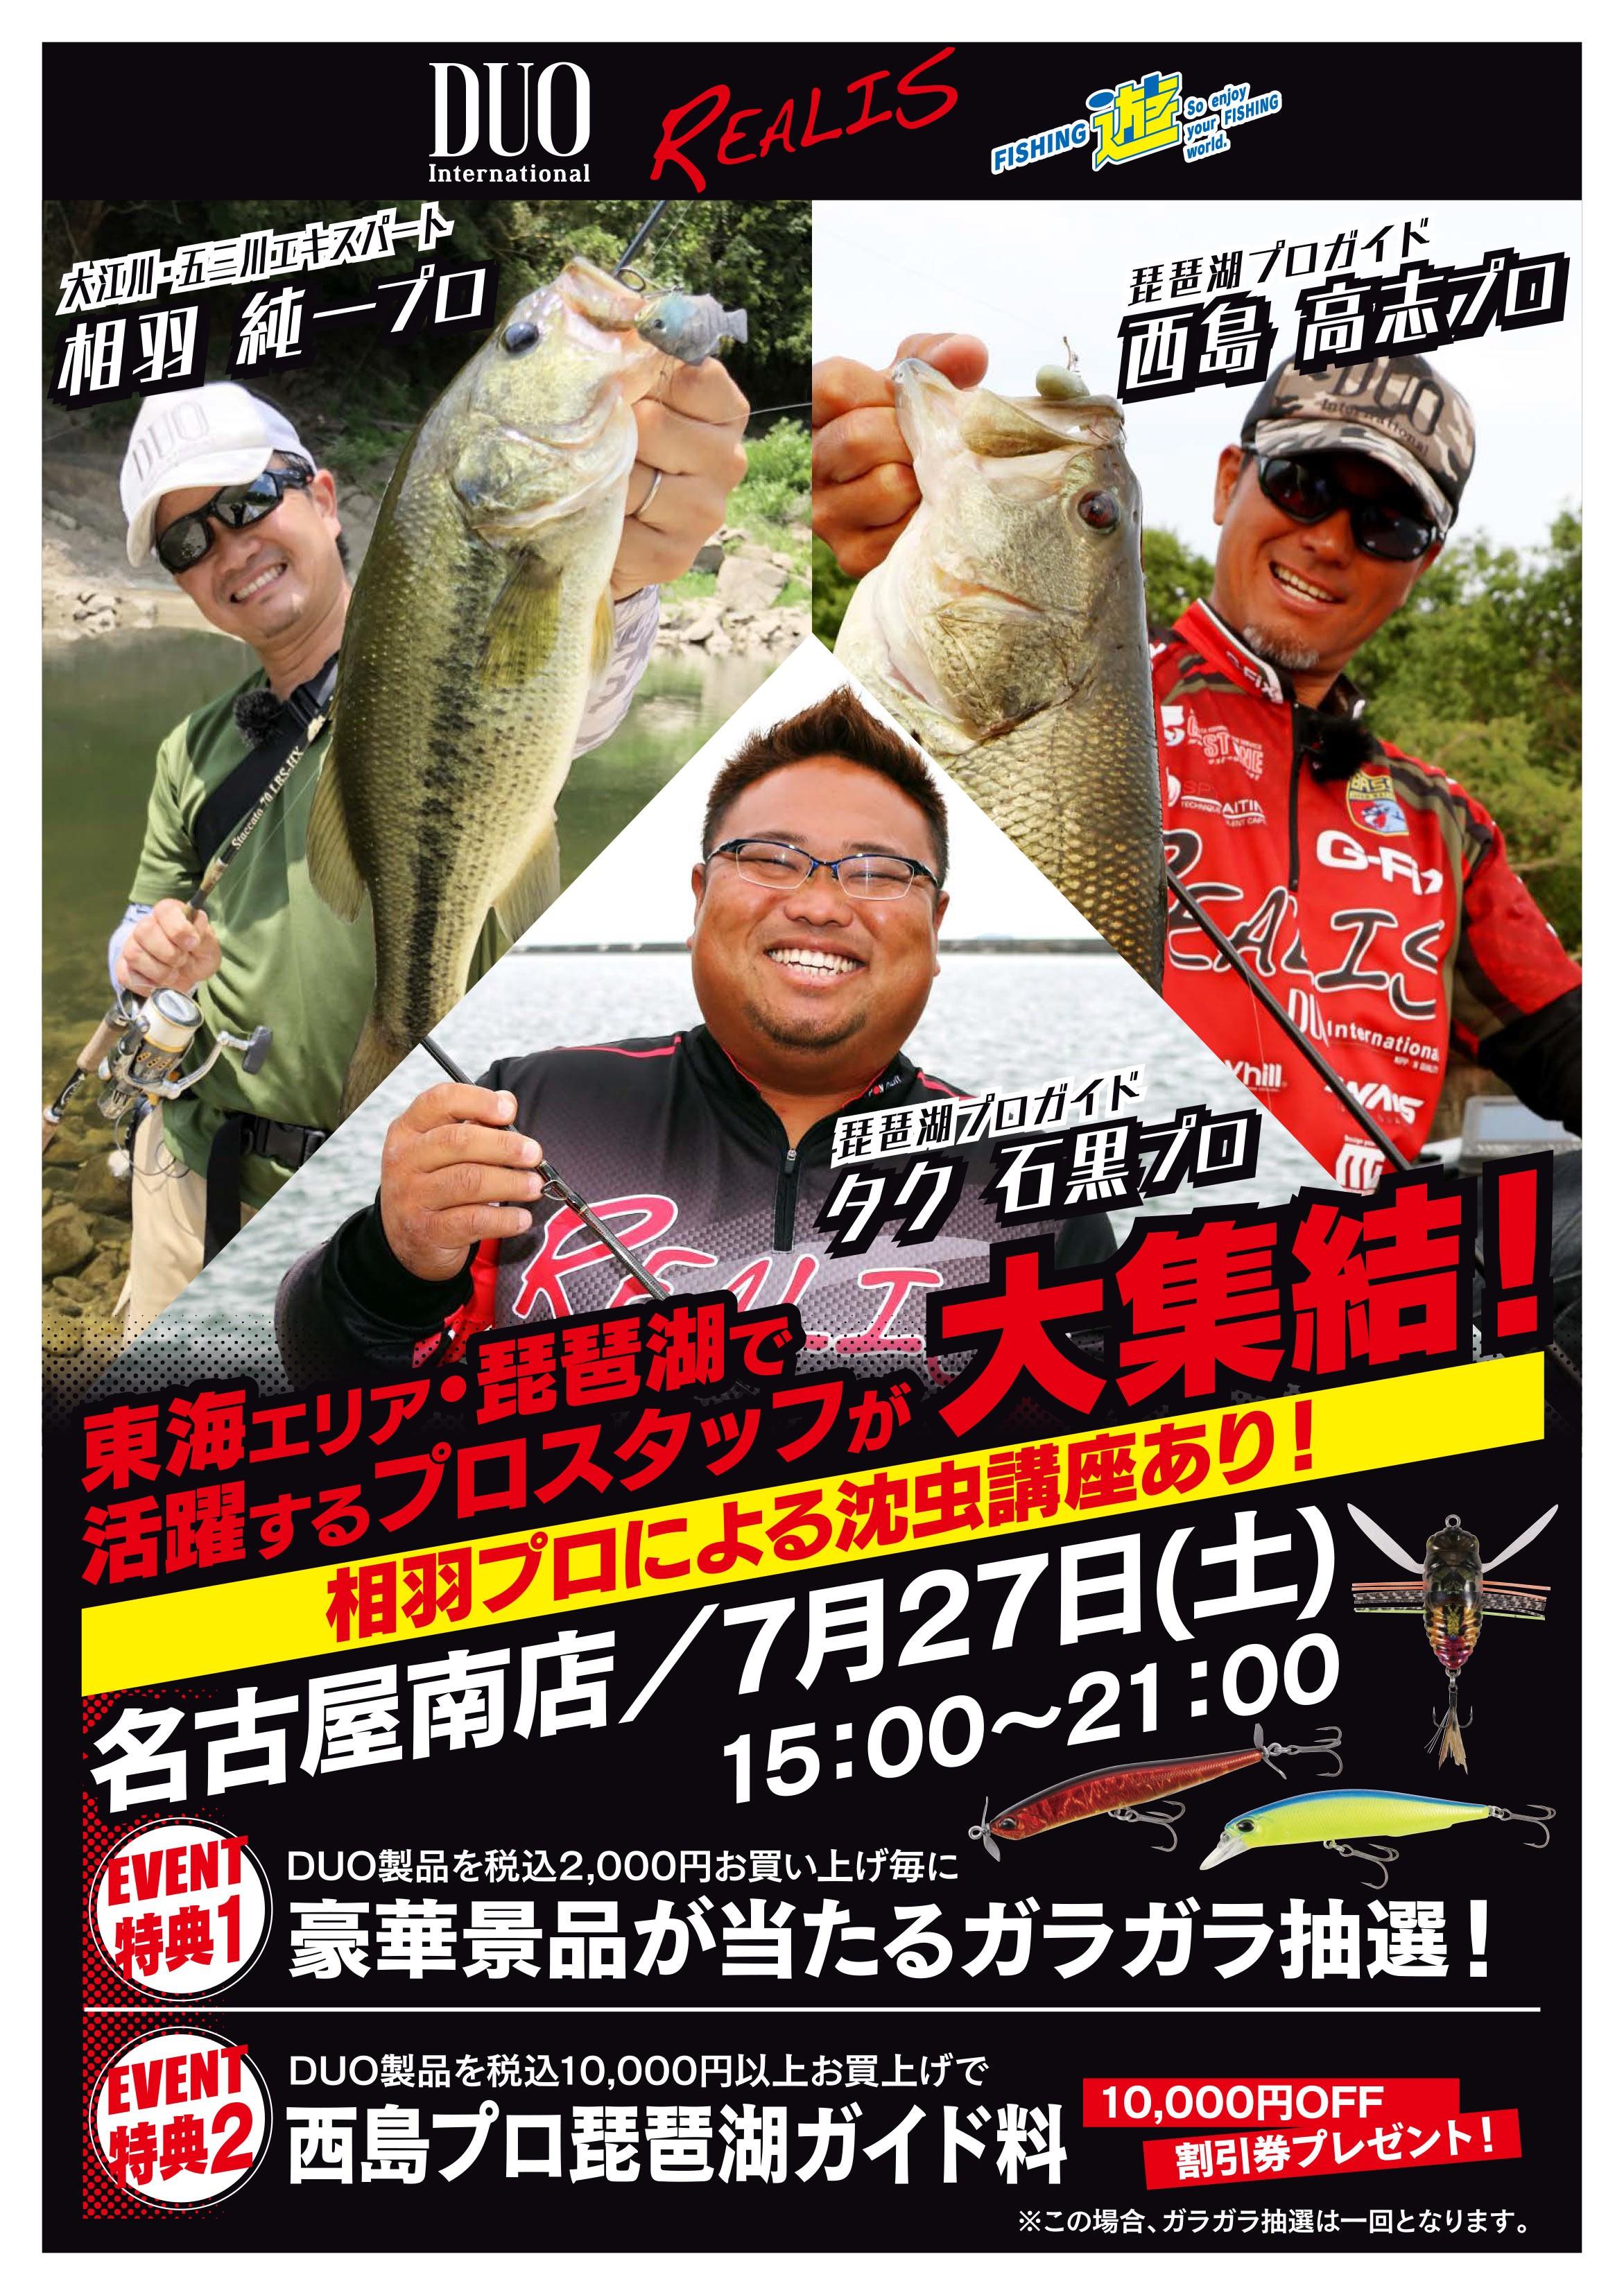 7月27日(土)フィッシング遊名古屋南店様にてREALISイベント開催!!